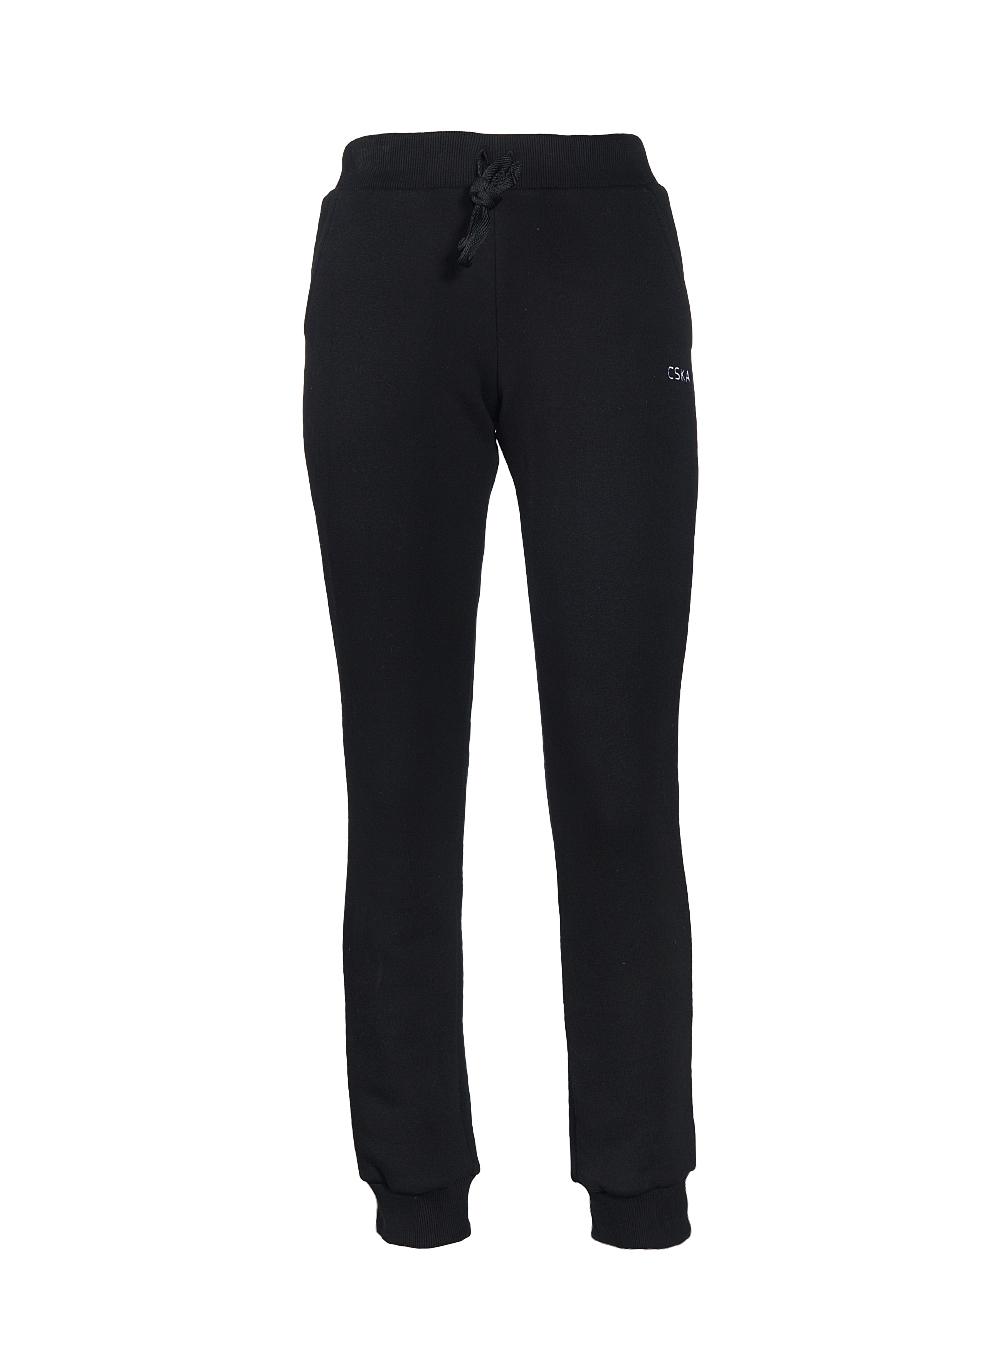 Купить Женский спортивный костюм «CSKA GIRL IN BLACK» (брюки), цвет черный (L) по Нижнему Новгороду